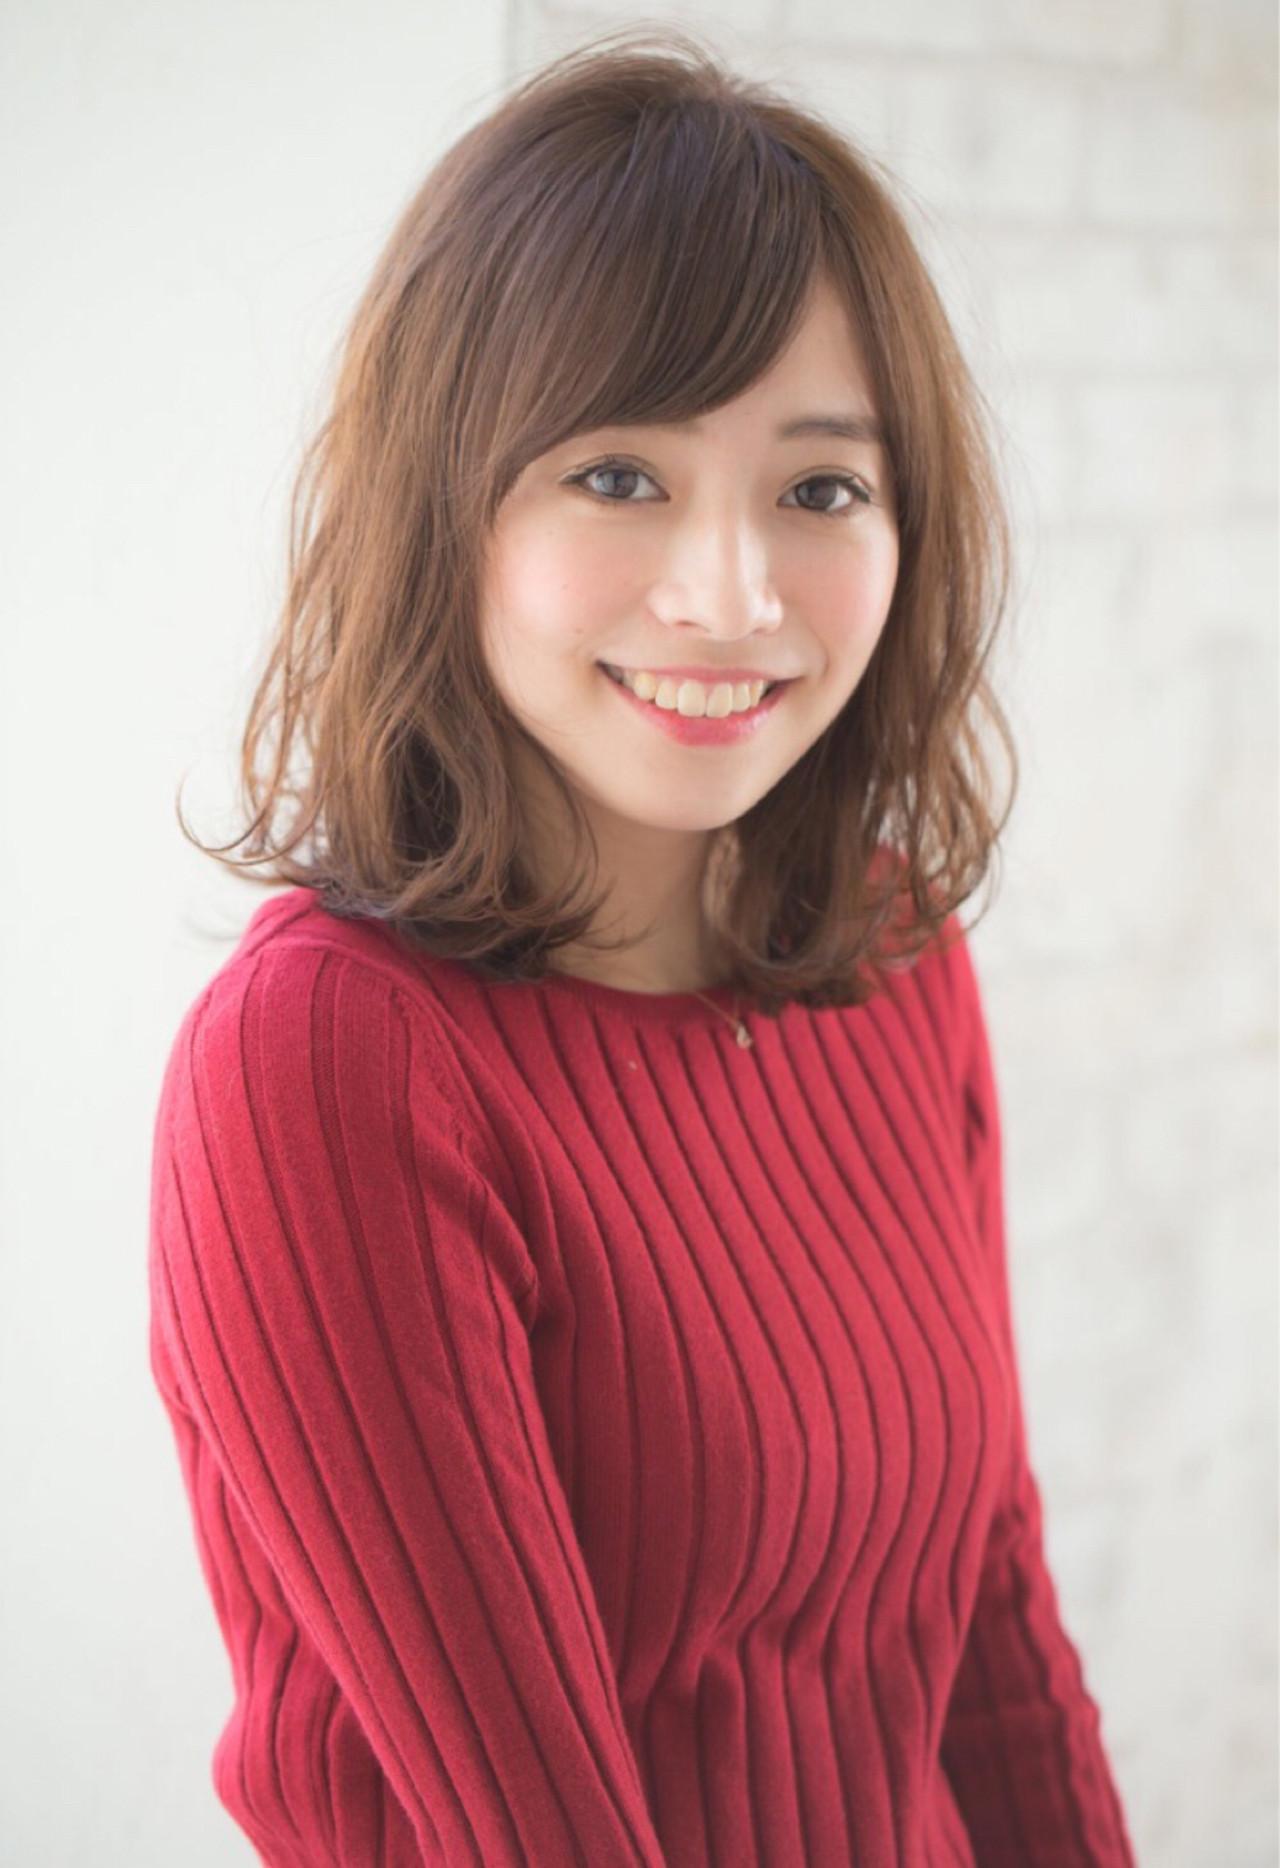 簡単ヘアアレンジ ナチュラル ニュアンス 大人かわいい ヘアスタイルや髪型の写真・画像 | 赤井希望 / joemibyUnami